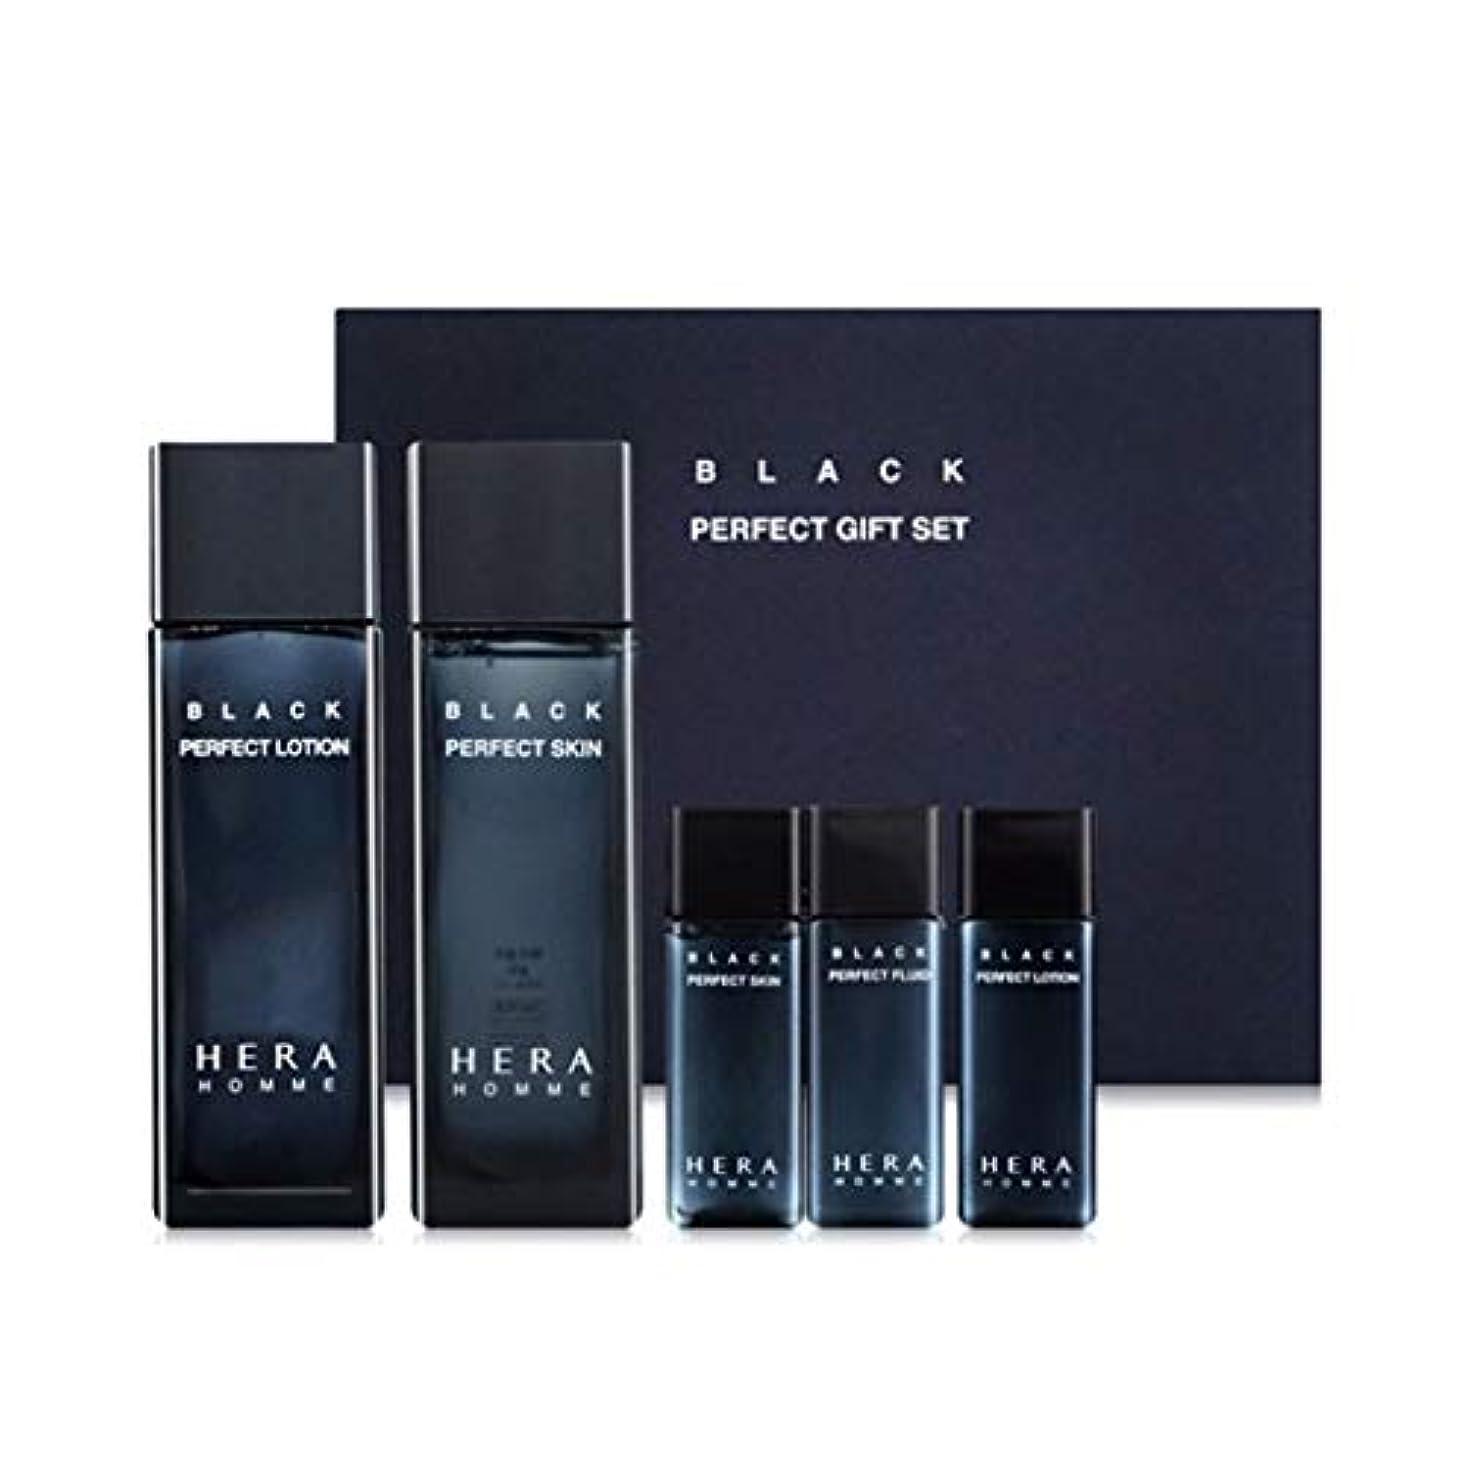 スライム聞く反動ヘラオムブラックパーフェクトスキンローションセットメンズコスメ韓国コスメ、Hera Homme Black Perfect Skin Lotion Set Men's Cosmetics Korean Cosmetics...